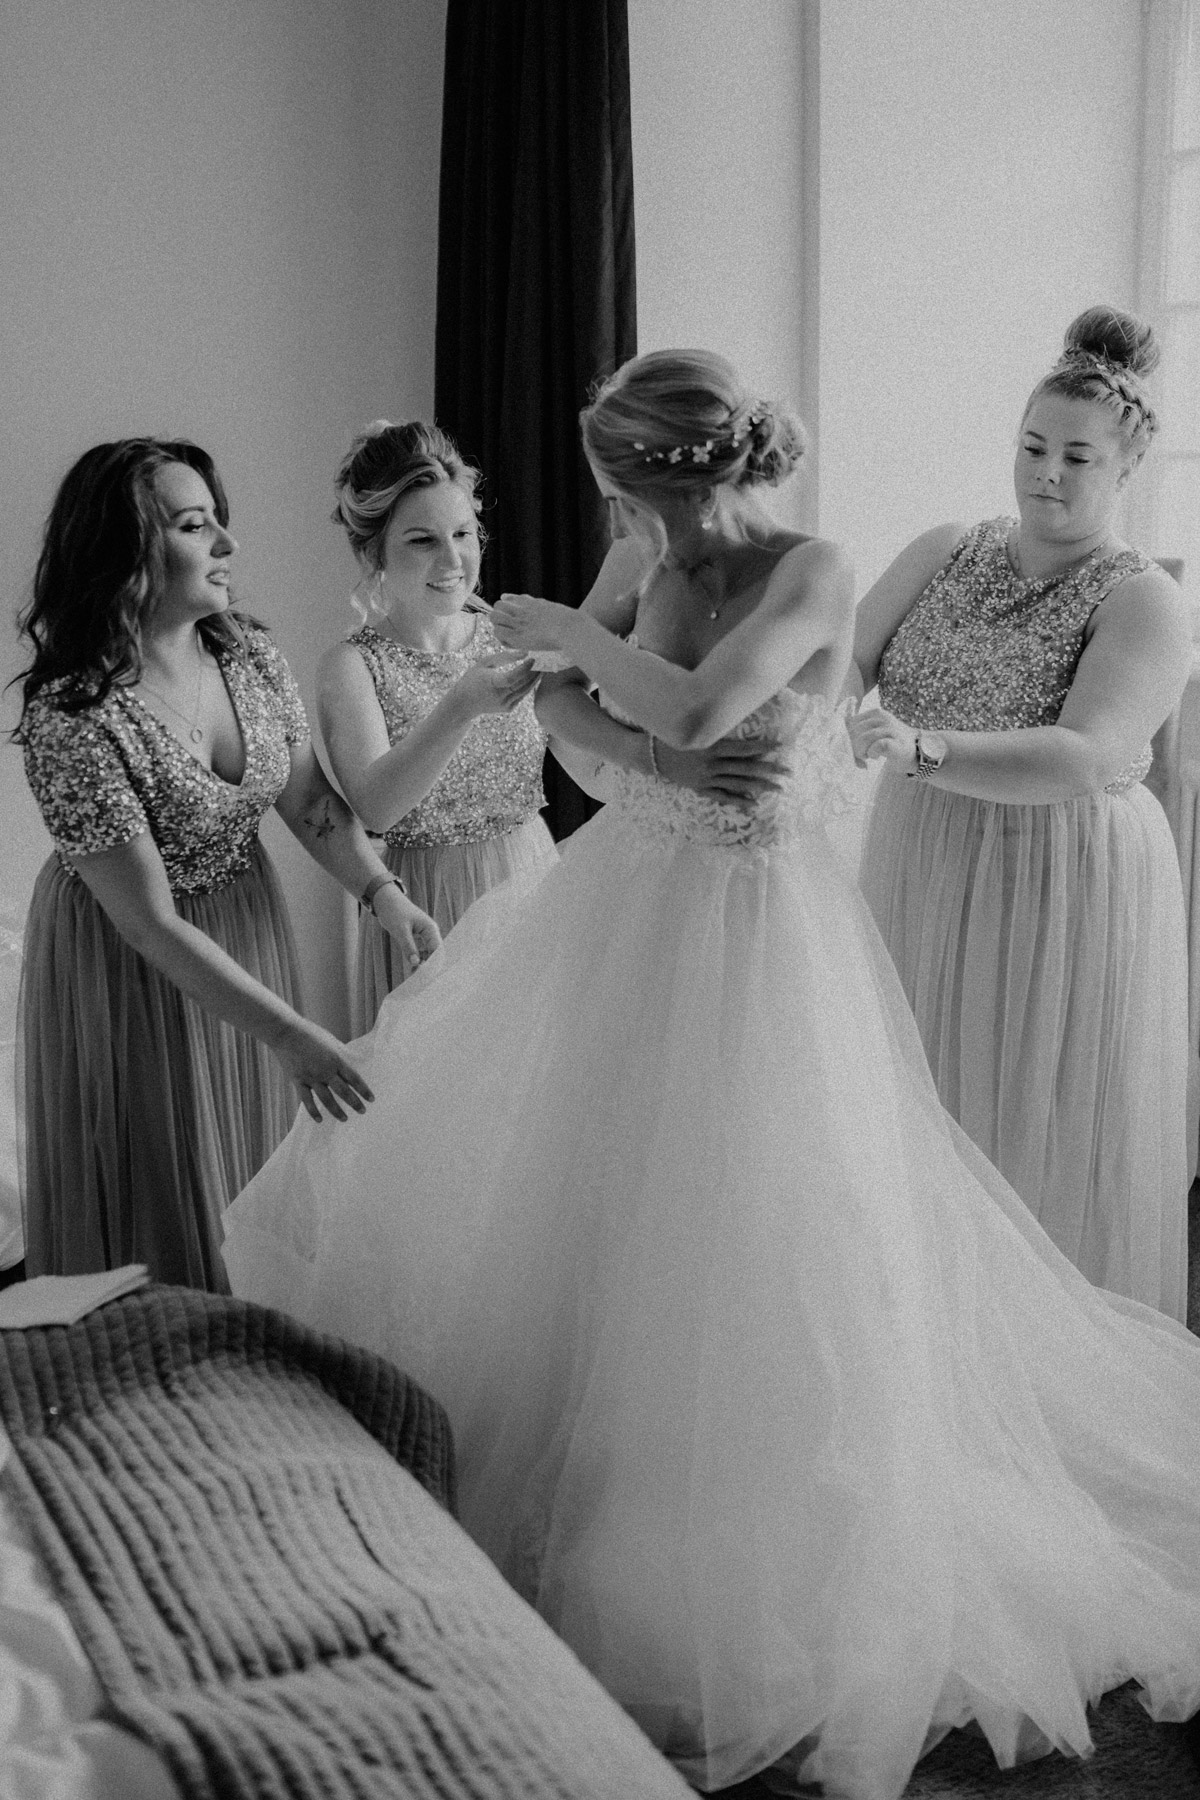 Hochzeit Shooting Idee Gruppenbild mit Familie, Trauzeuginnen und Bridemaids beim Ankleiden von vintage Hochzeitsfotograf Berlin © www.hochzeitslicht.de #hochzeitslicht #hochzeit #gruppenfotos #hochzeitsshooting #ideen